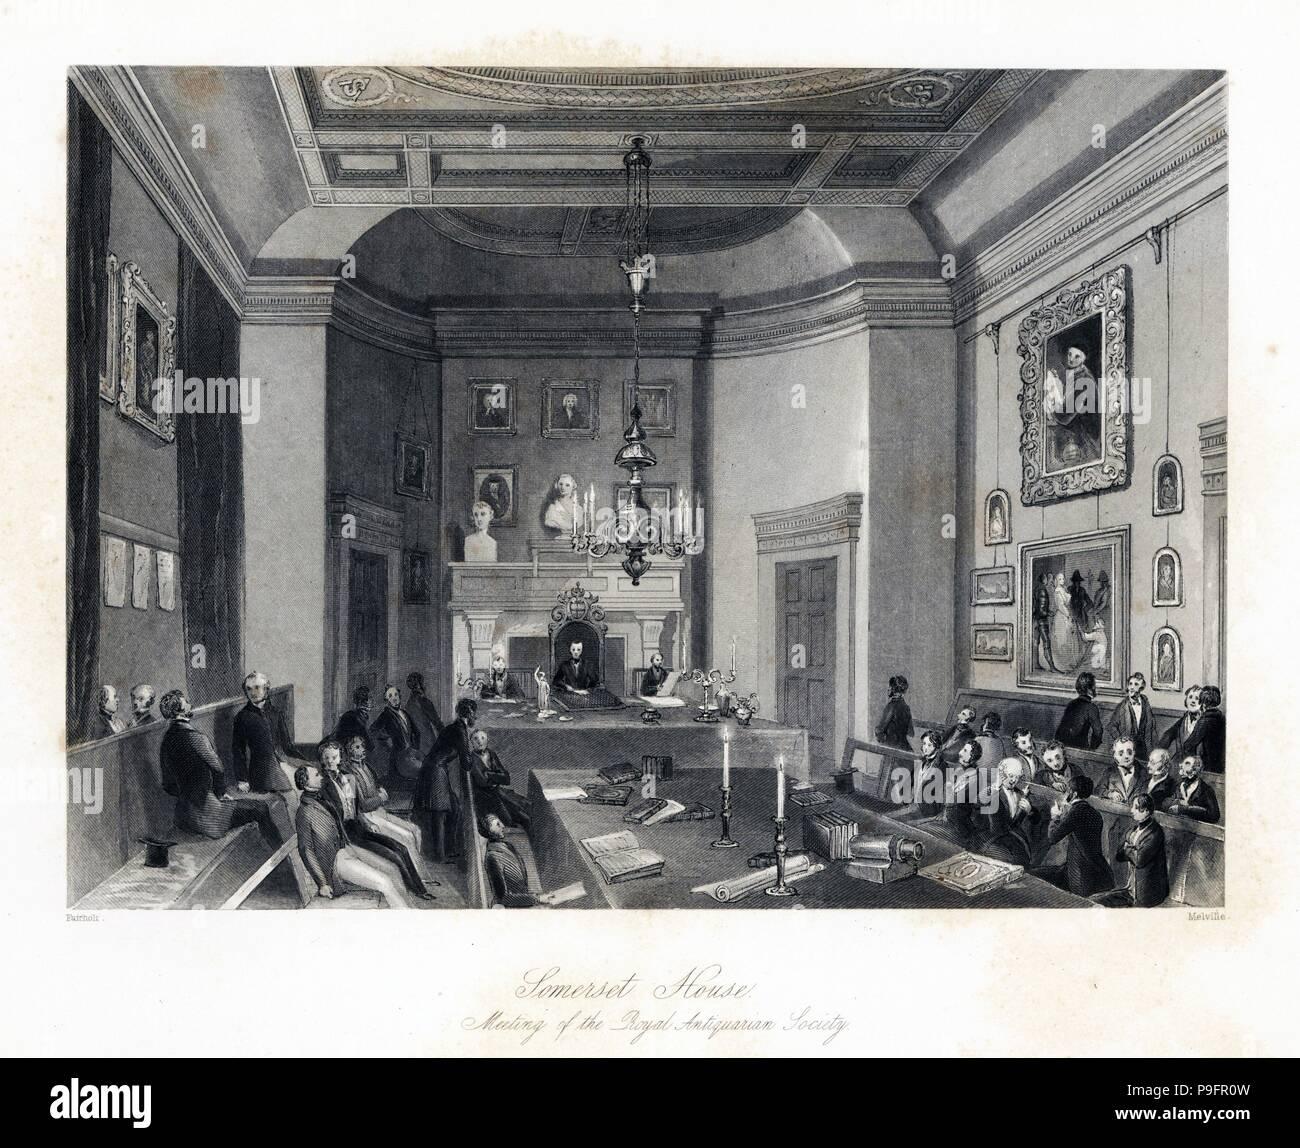 Reunión de la Real Sociedad anticuaria en Somerset House. Acero grabado por Henry Melville después una ilustración por Fairholt desde Londres interiores, sus trajes y ceremonias, Josué Mead, Londres, 1841. Imagen De Stock